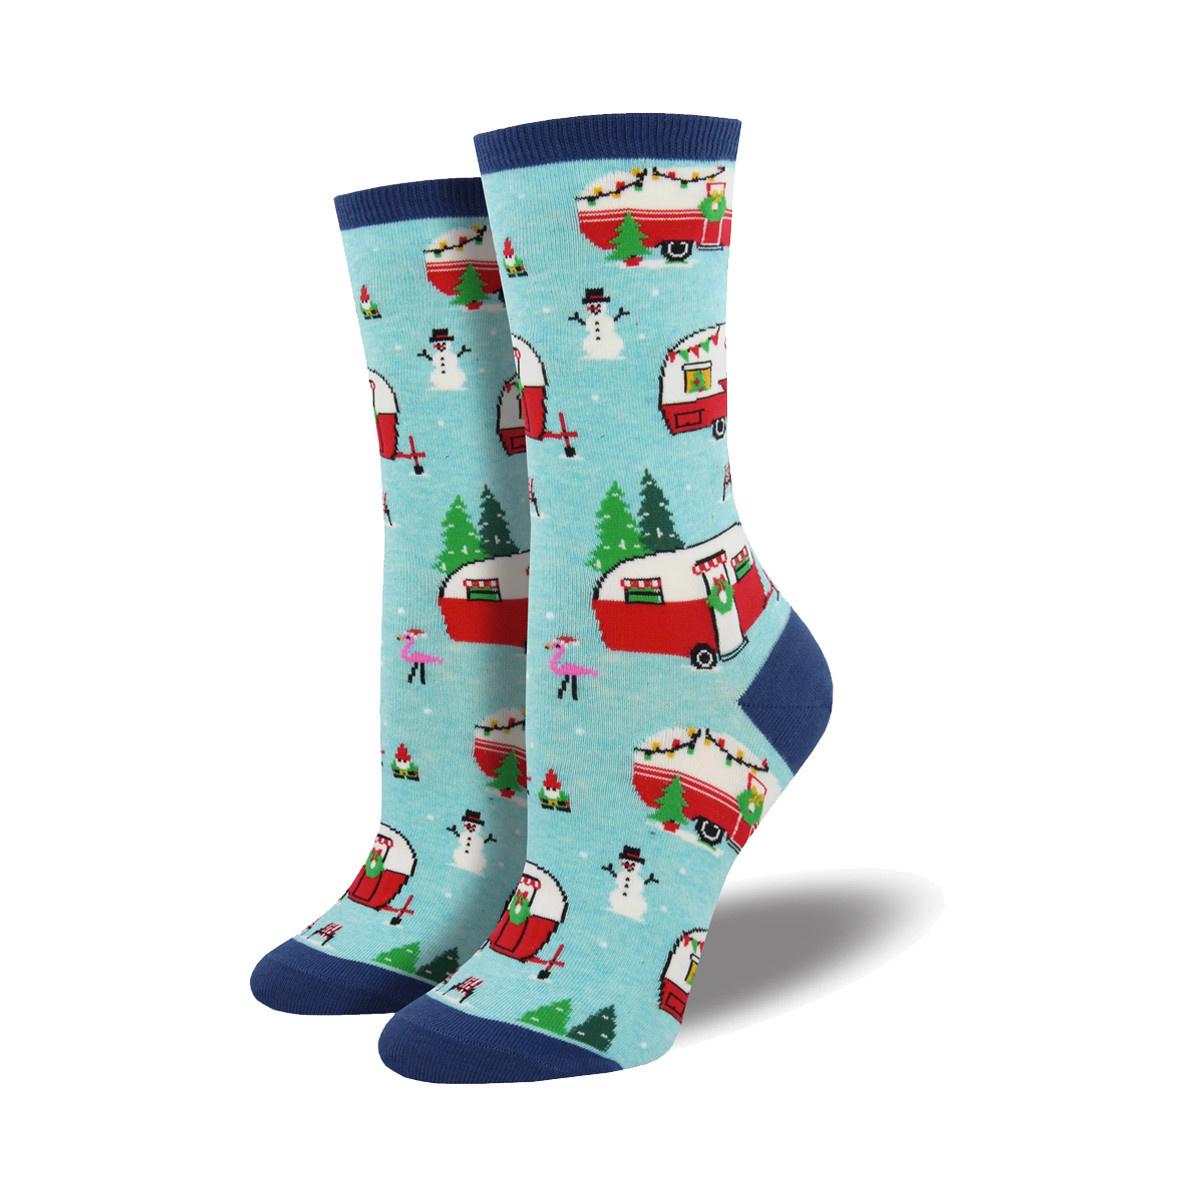 Socksmith Socksmith Women's Cotton Blend Socks Christmas Campers